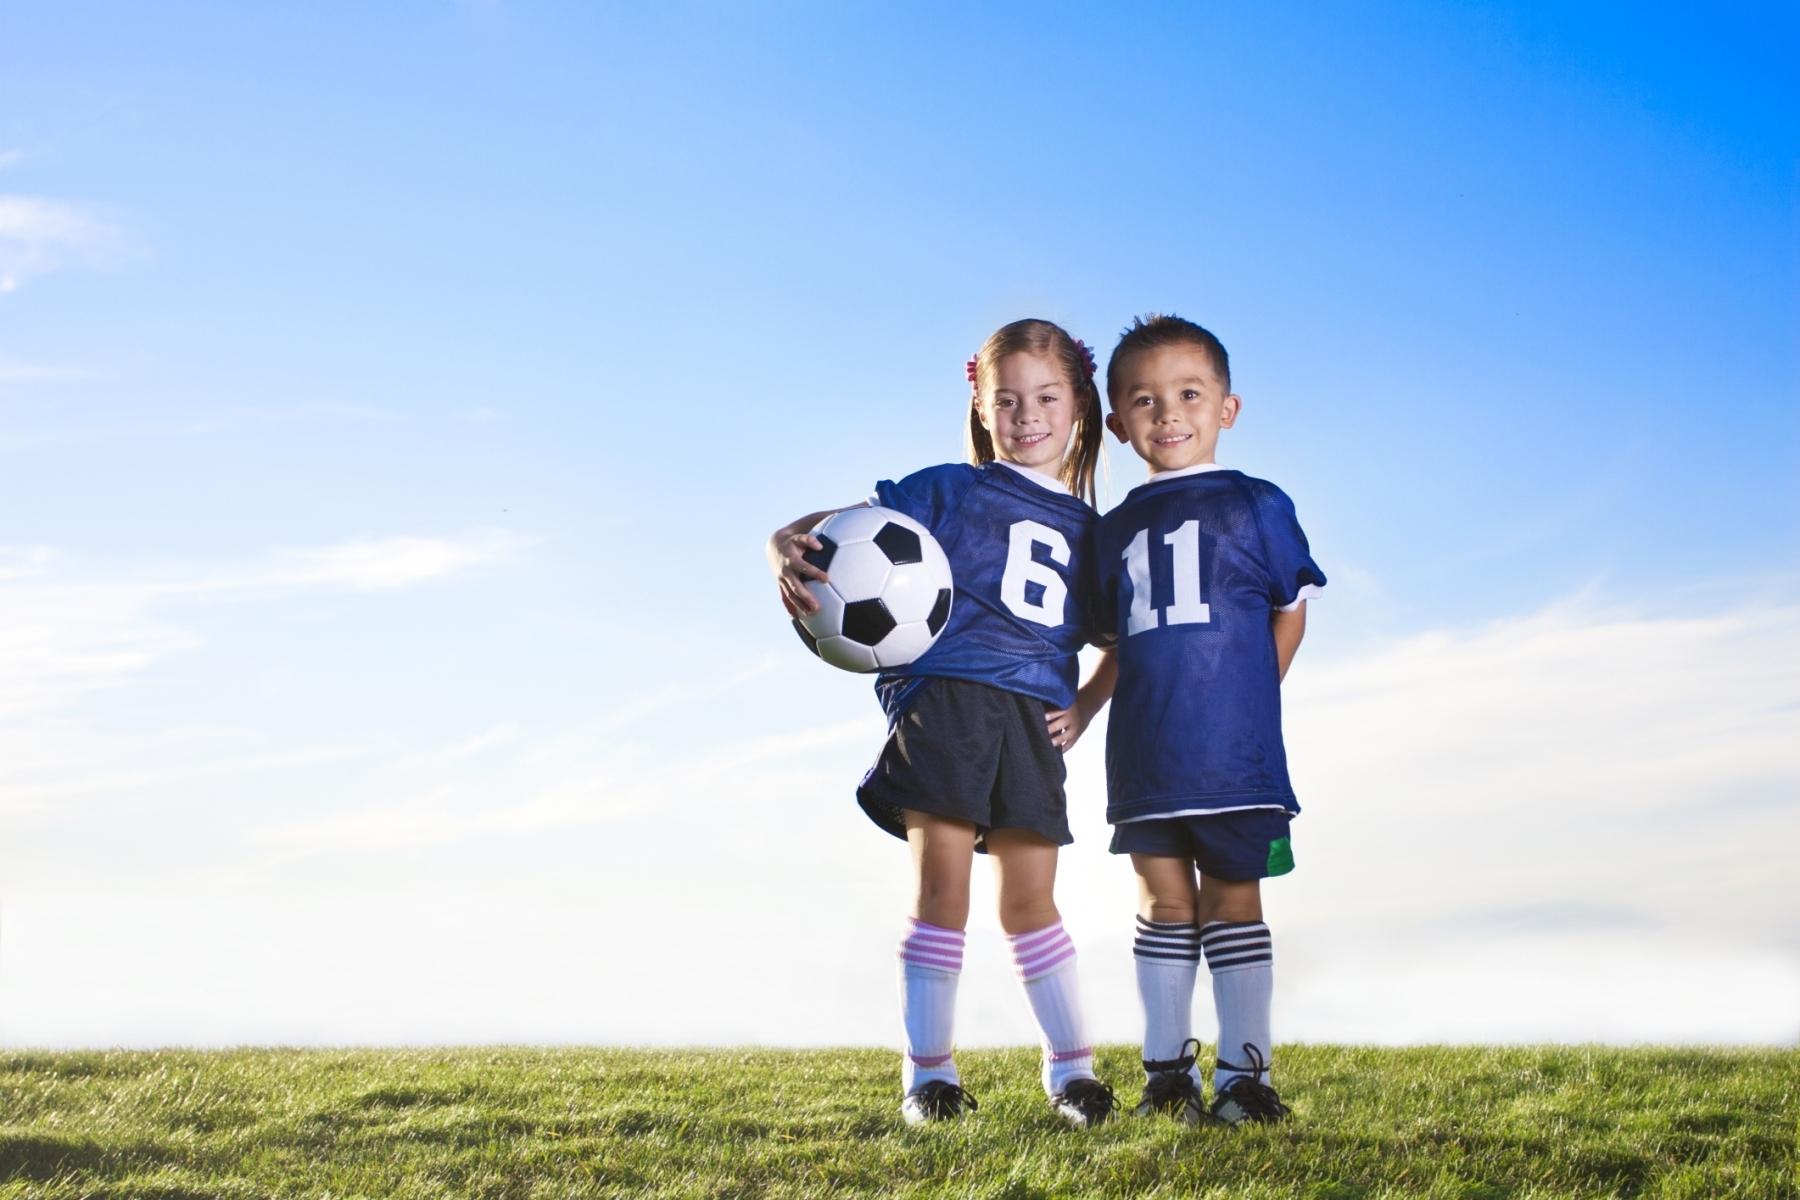 Fotografía Publicidad El Futuro De Los Deportes: Beneficios Del Deporte En Los Niños